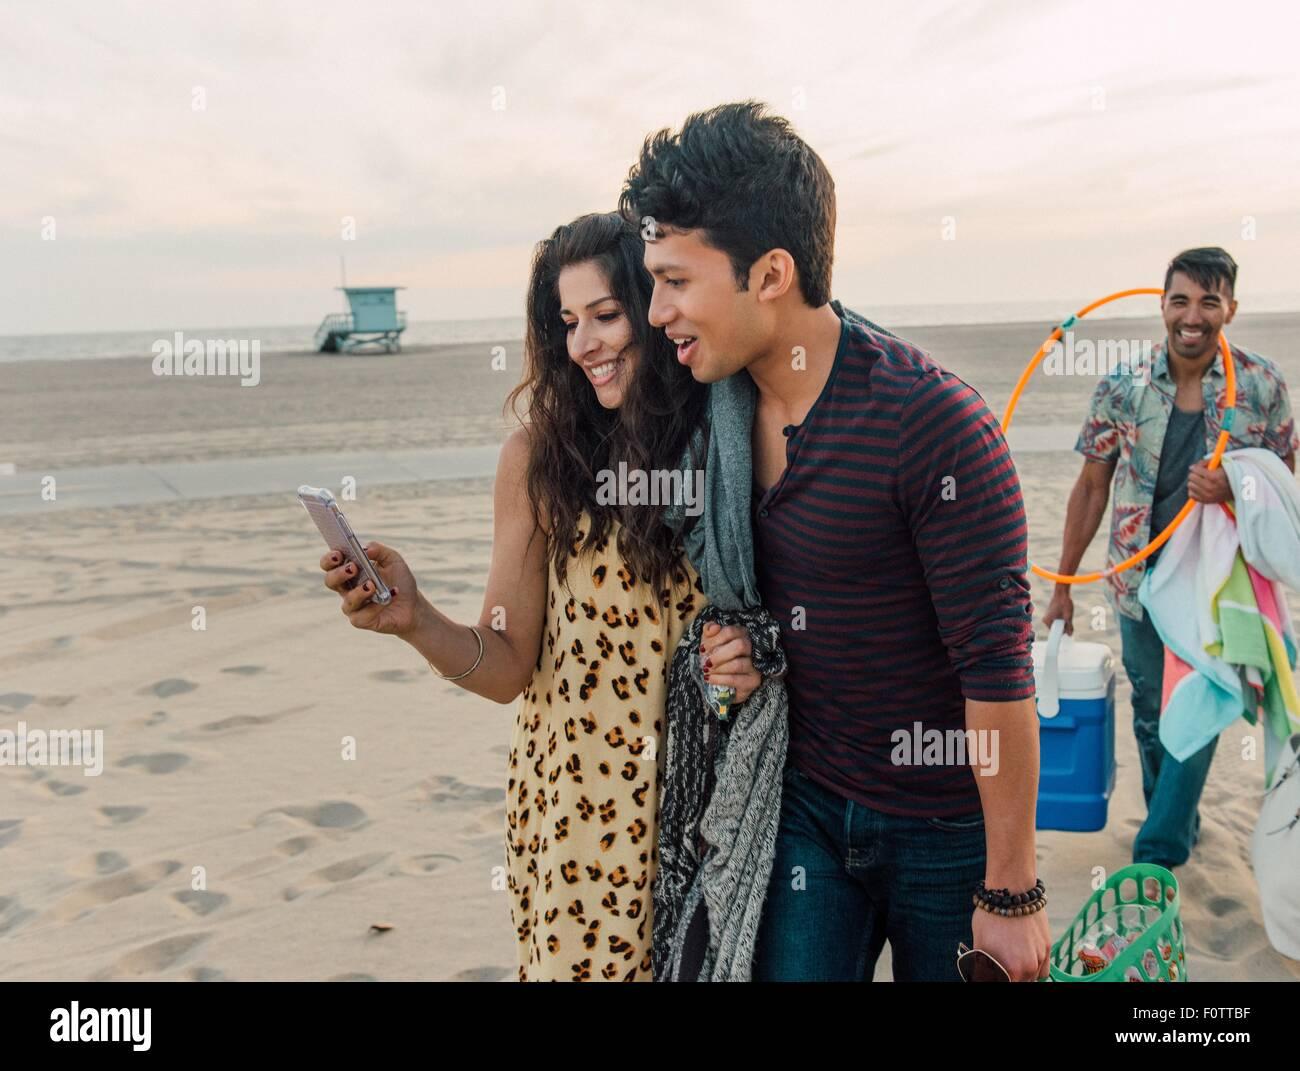 Grupo de amigos caminando por la playa, joven pareja mirando el smartphone Foto de stock